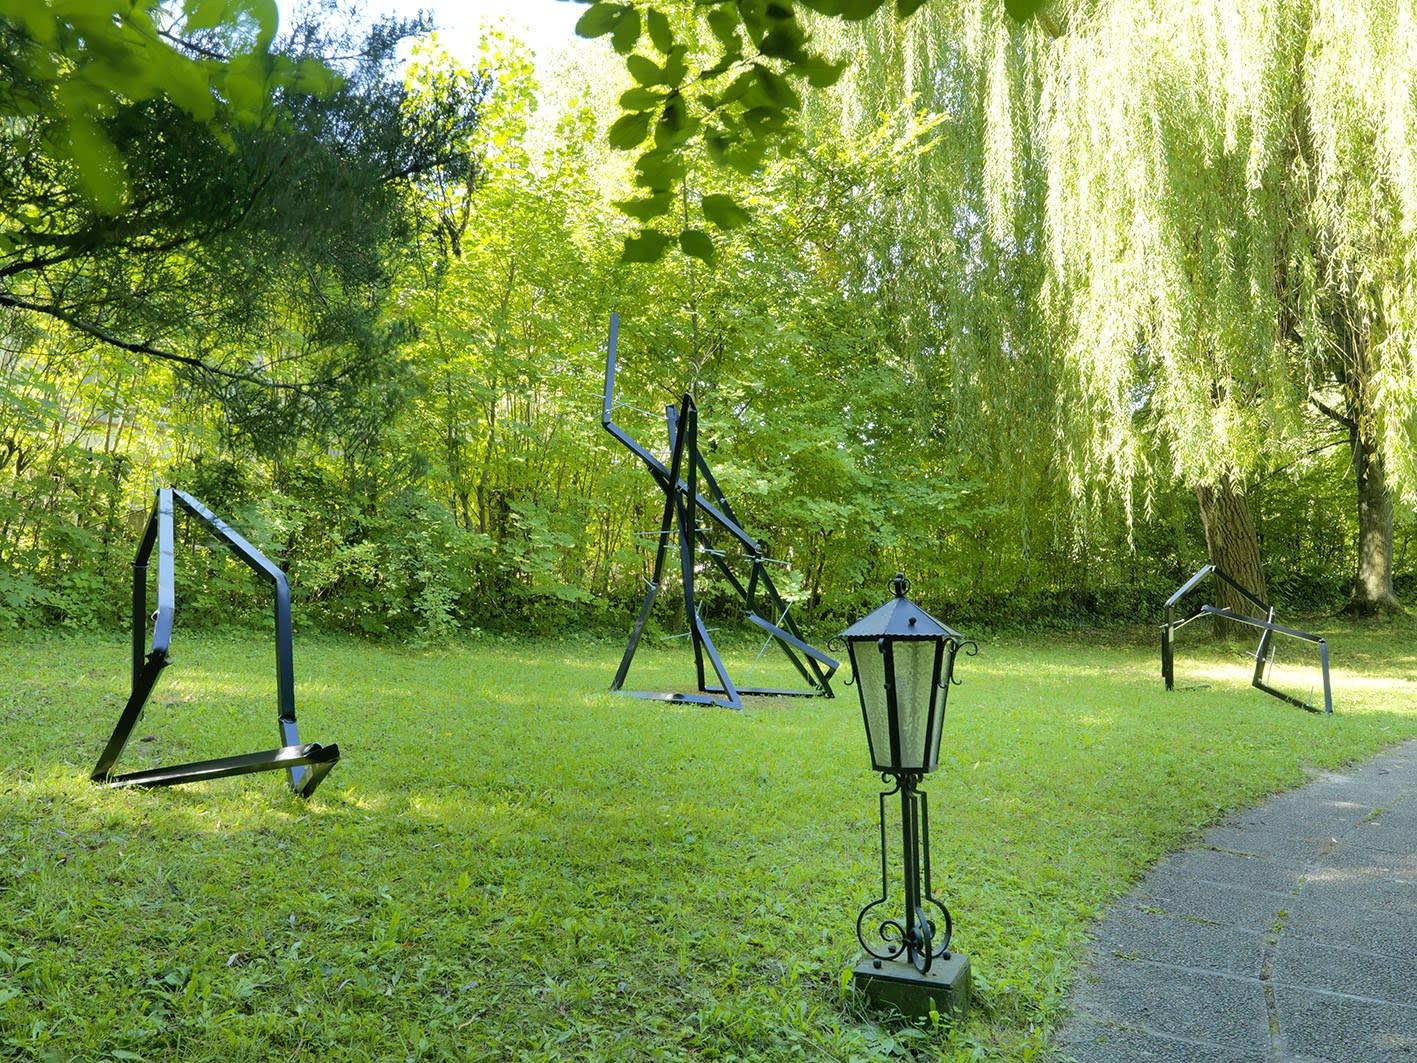 Sculpture Garden, Installation view: Clemens Hollerer, 2019 Photo: © FARBPRAXIS